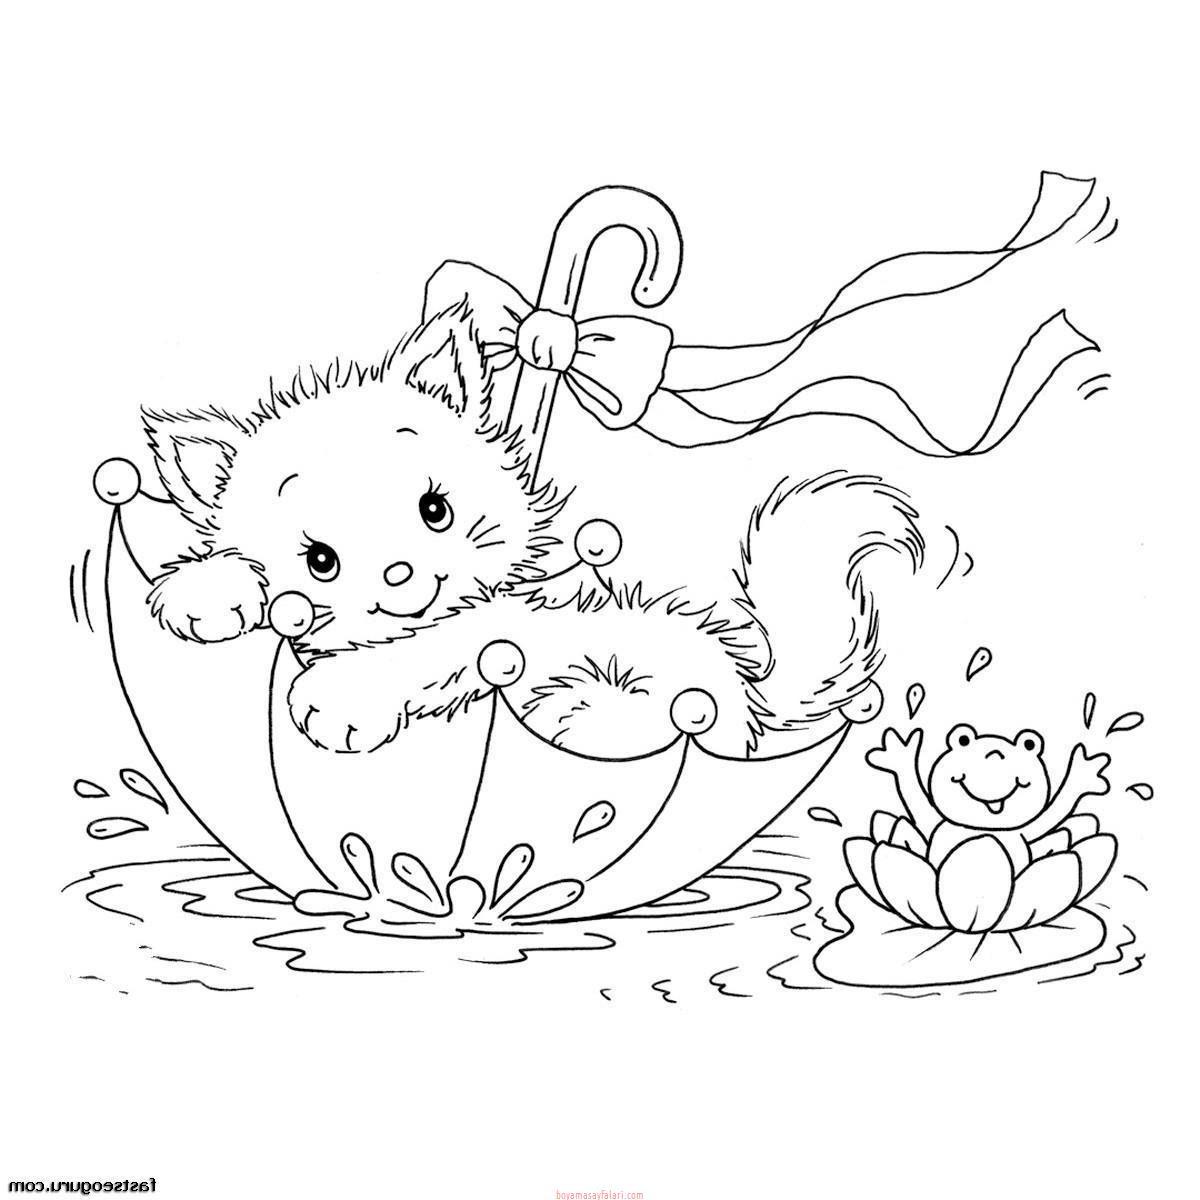 Kedi Boyama Kedi şablonları Sınıf öğretmenleri Için ücretsiz